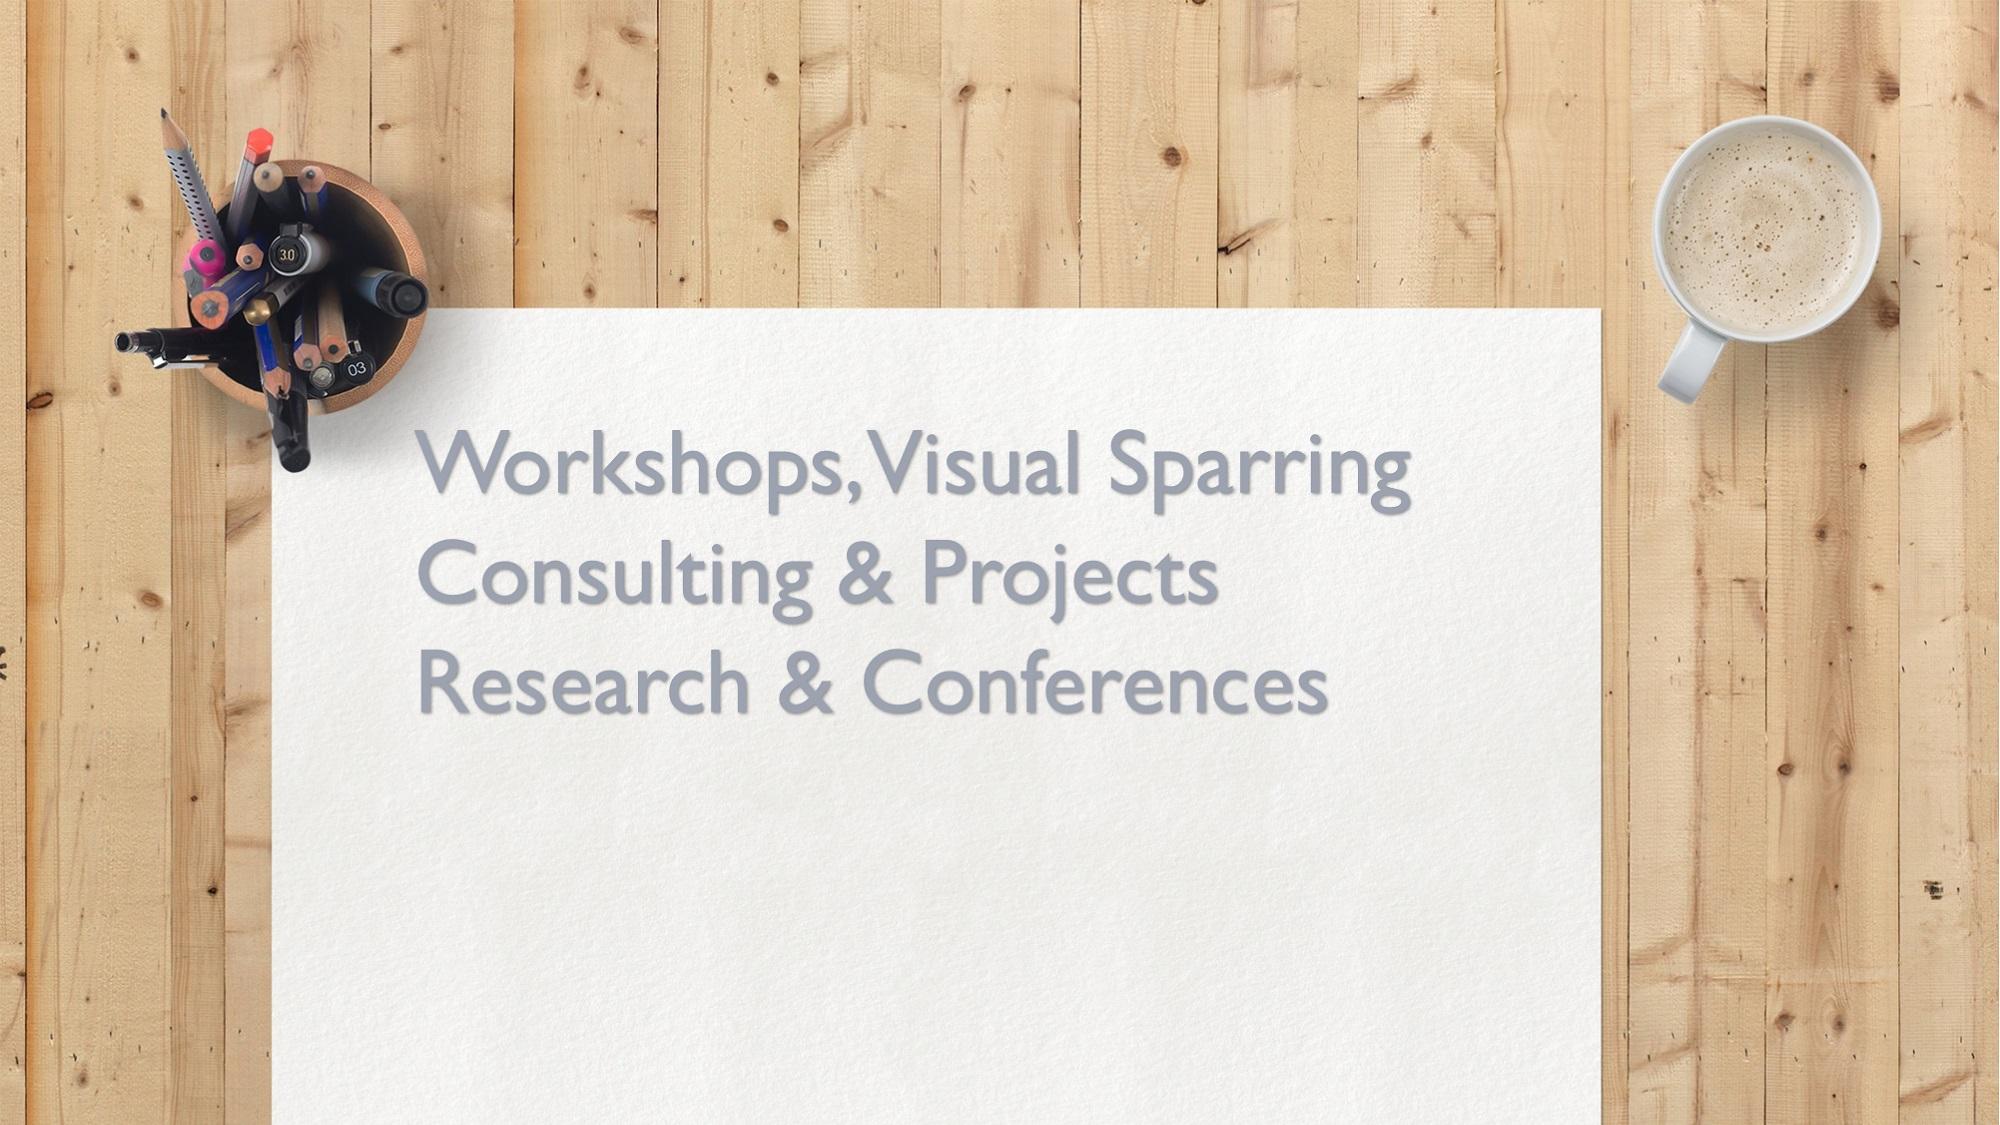 Visual Collaboration Lab, Pinnwand, mit Veranstaltungen